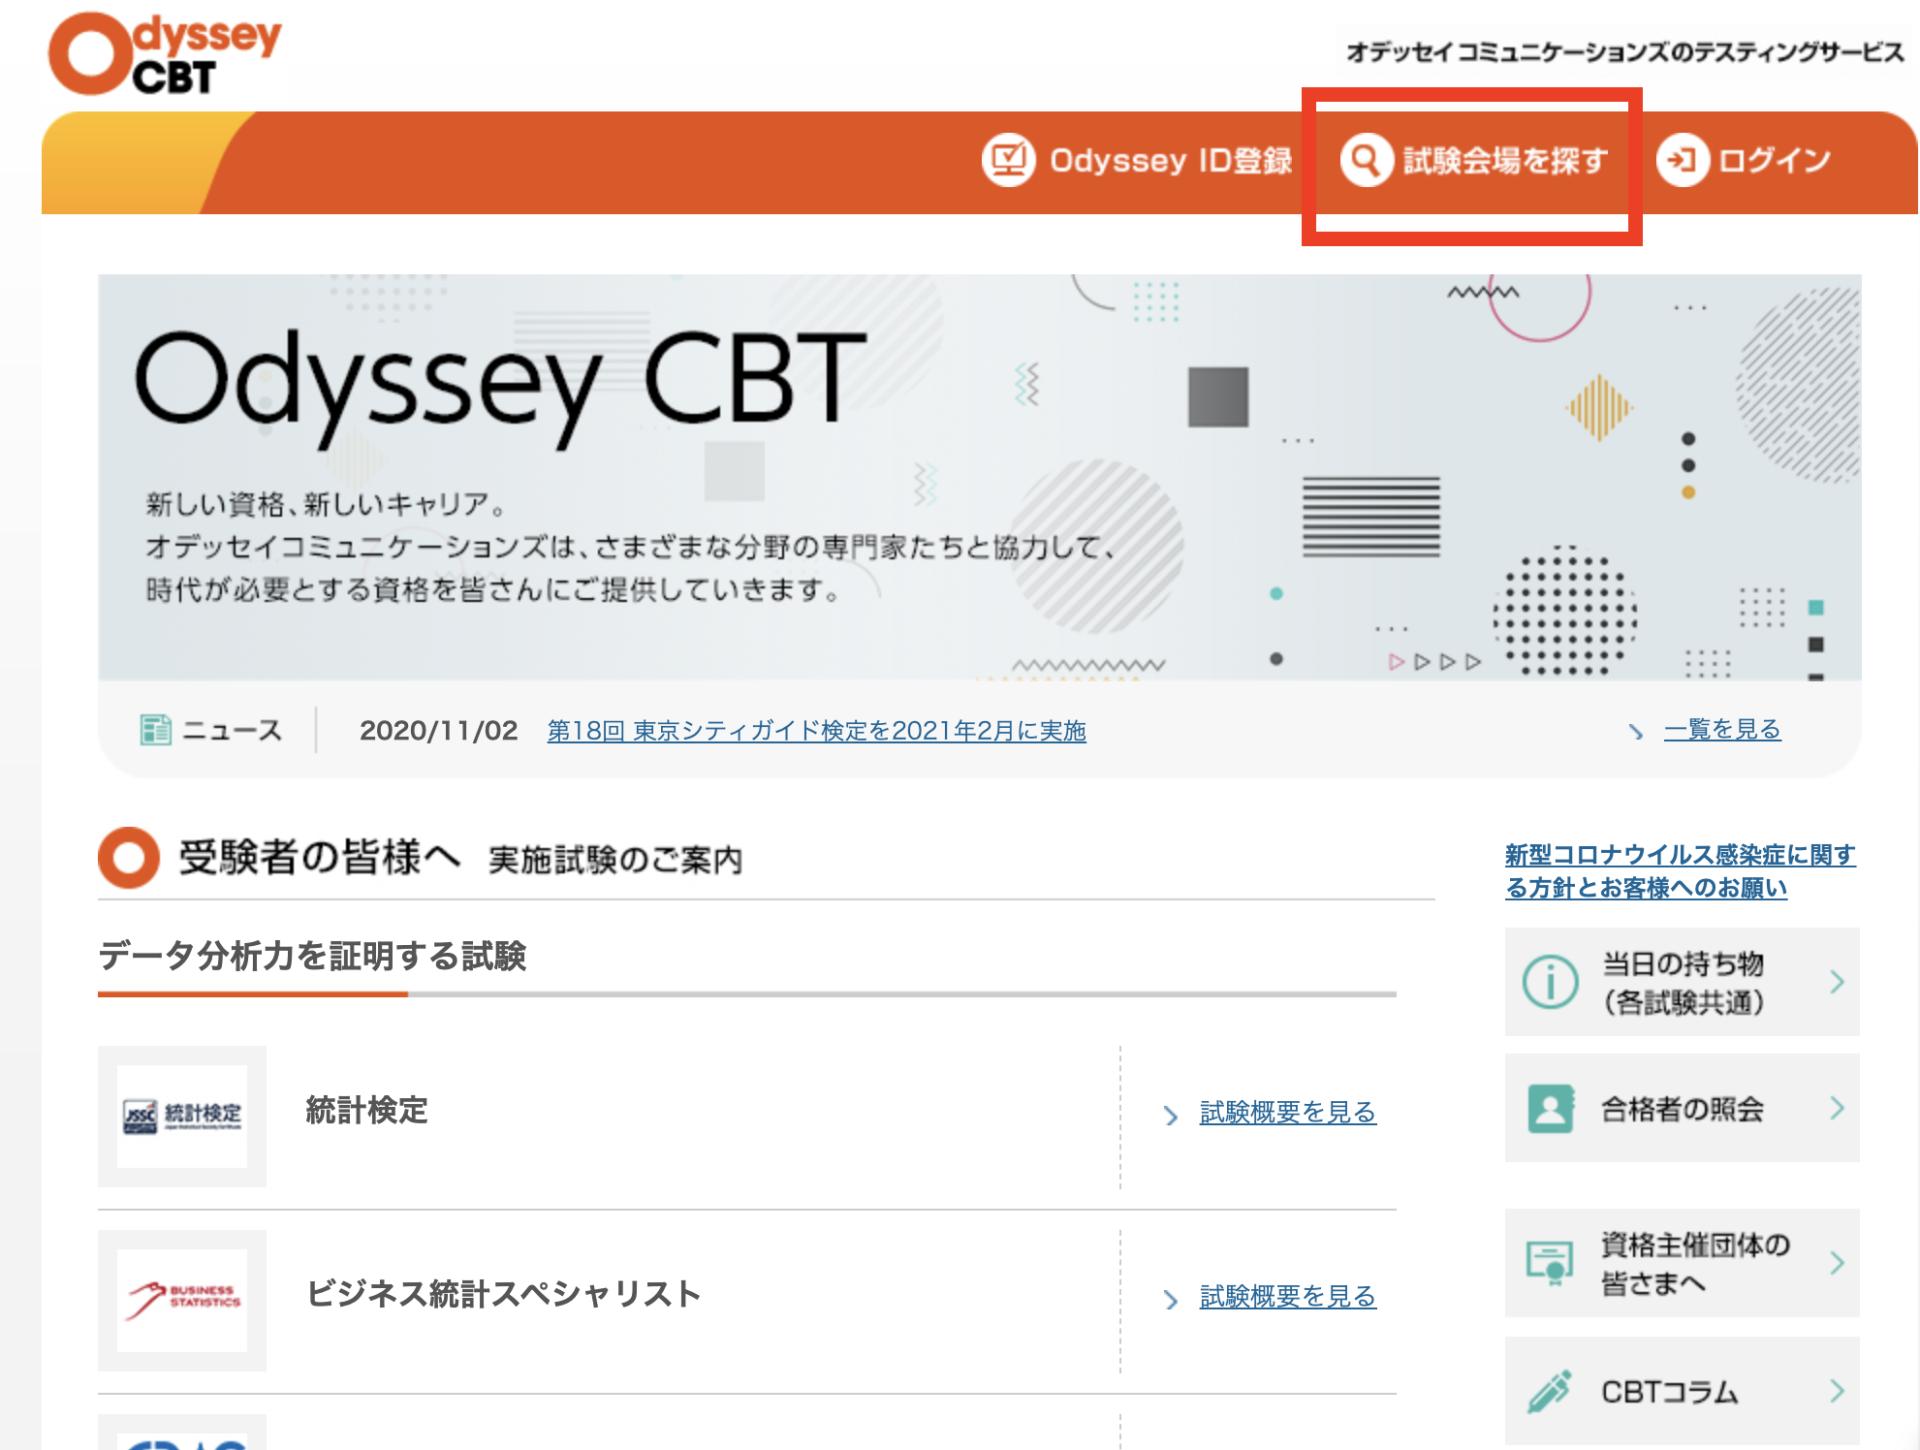 OdysseyのWebサイト